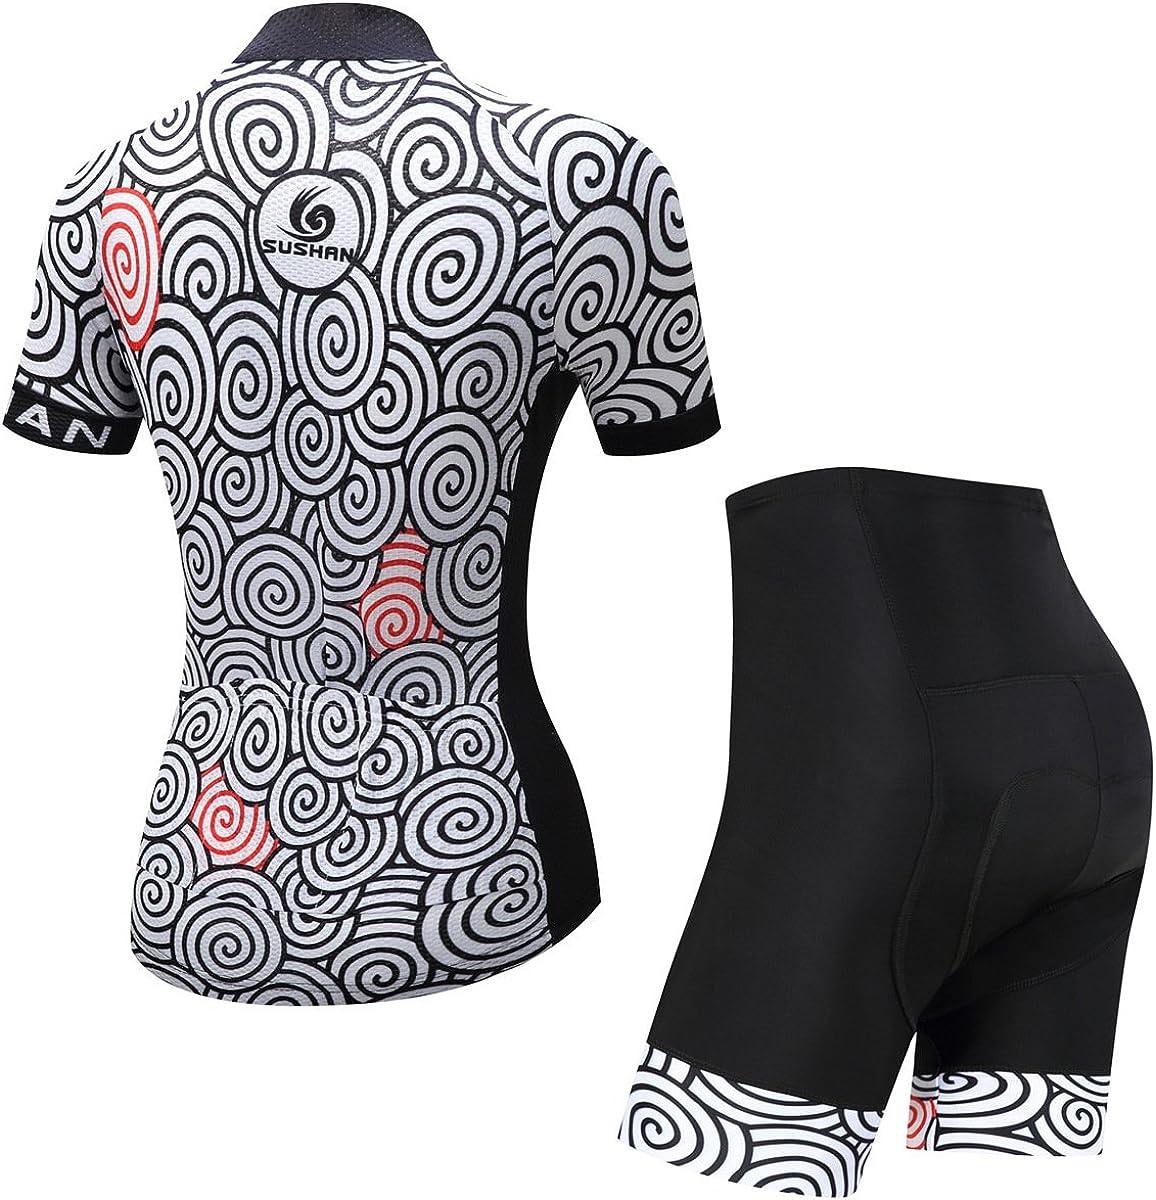 X-Labor Ensemble maillot de cyclisme pour homme avec manches courtes et pantalon de cyclisme avec rembourrage 3D